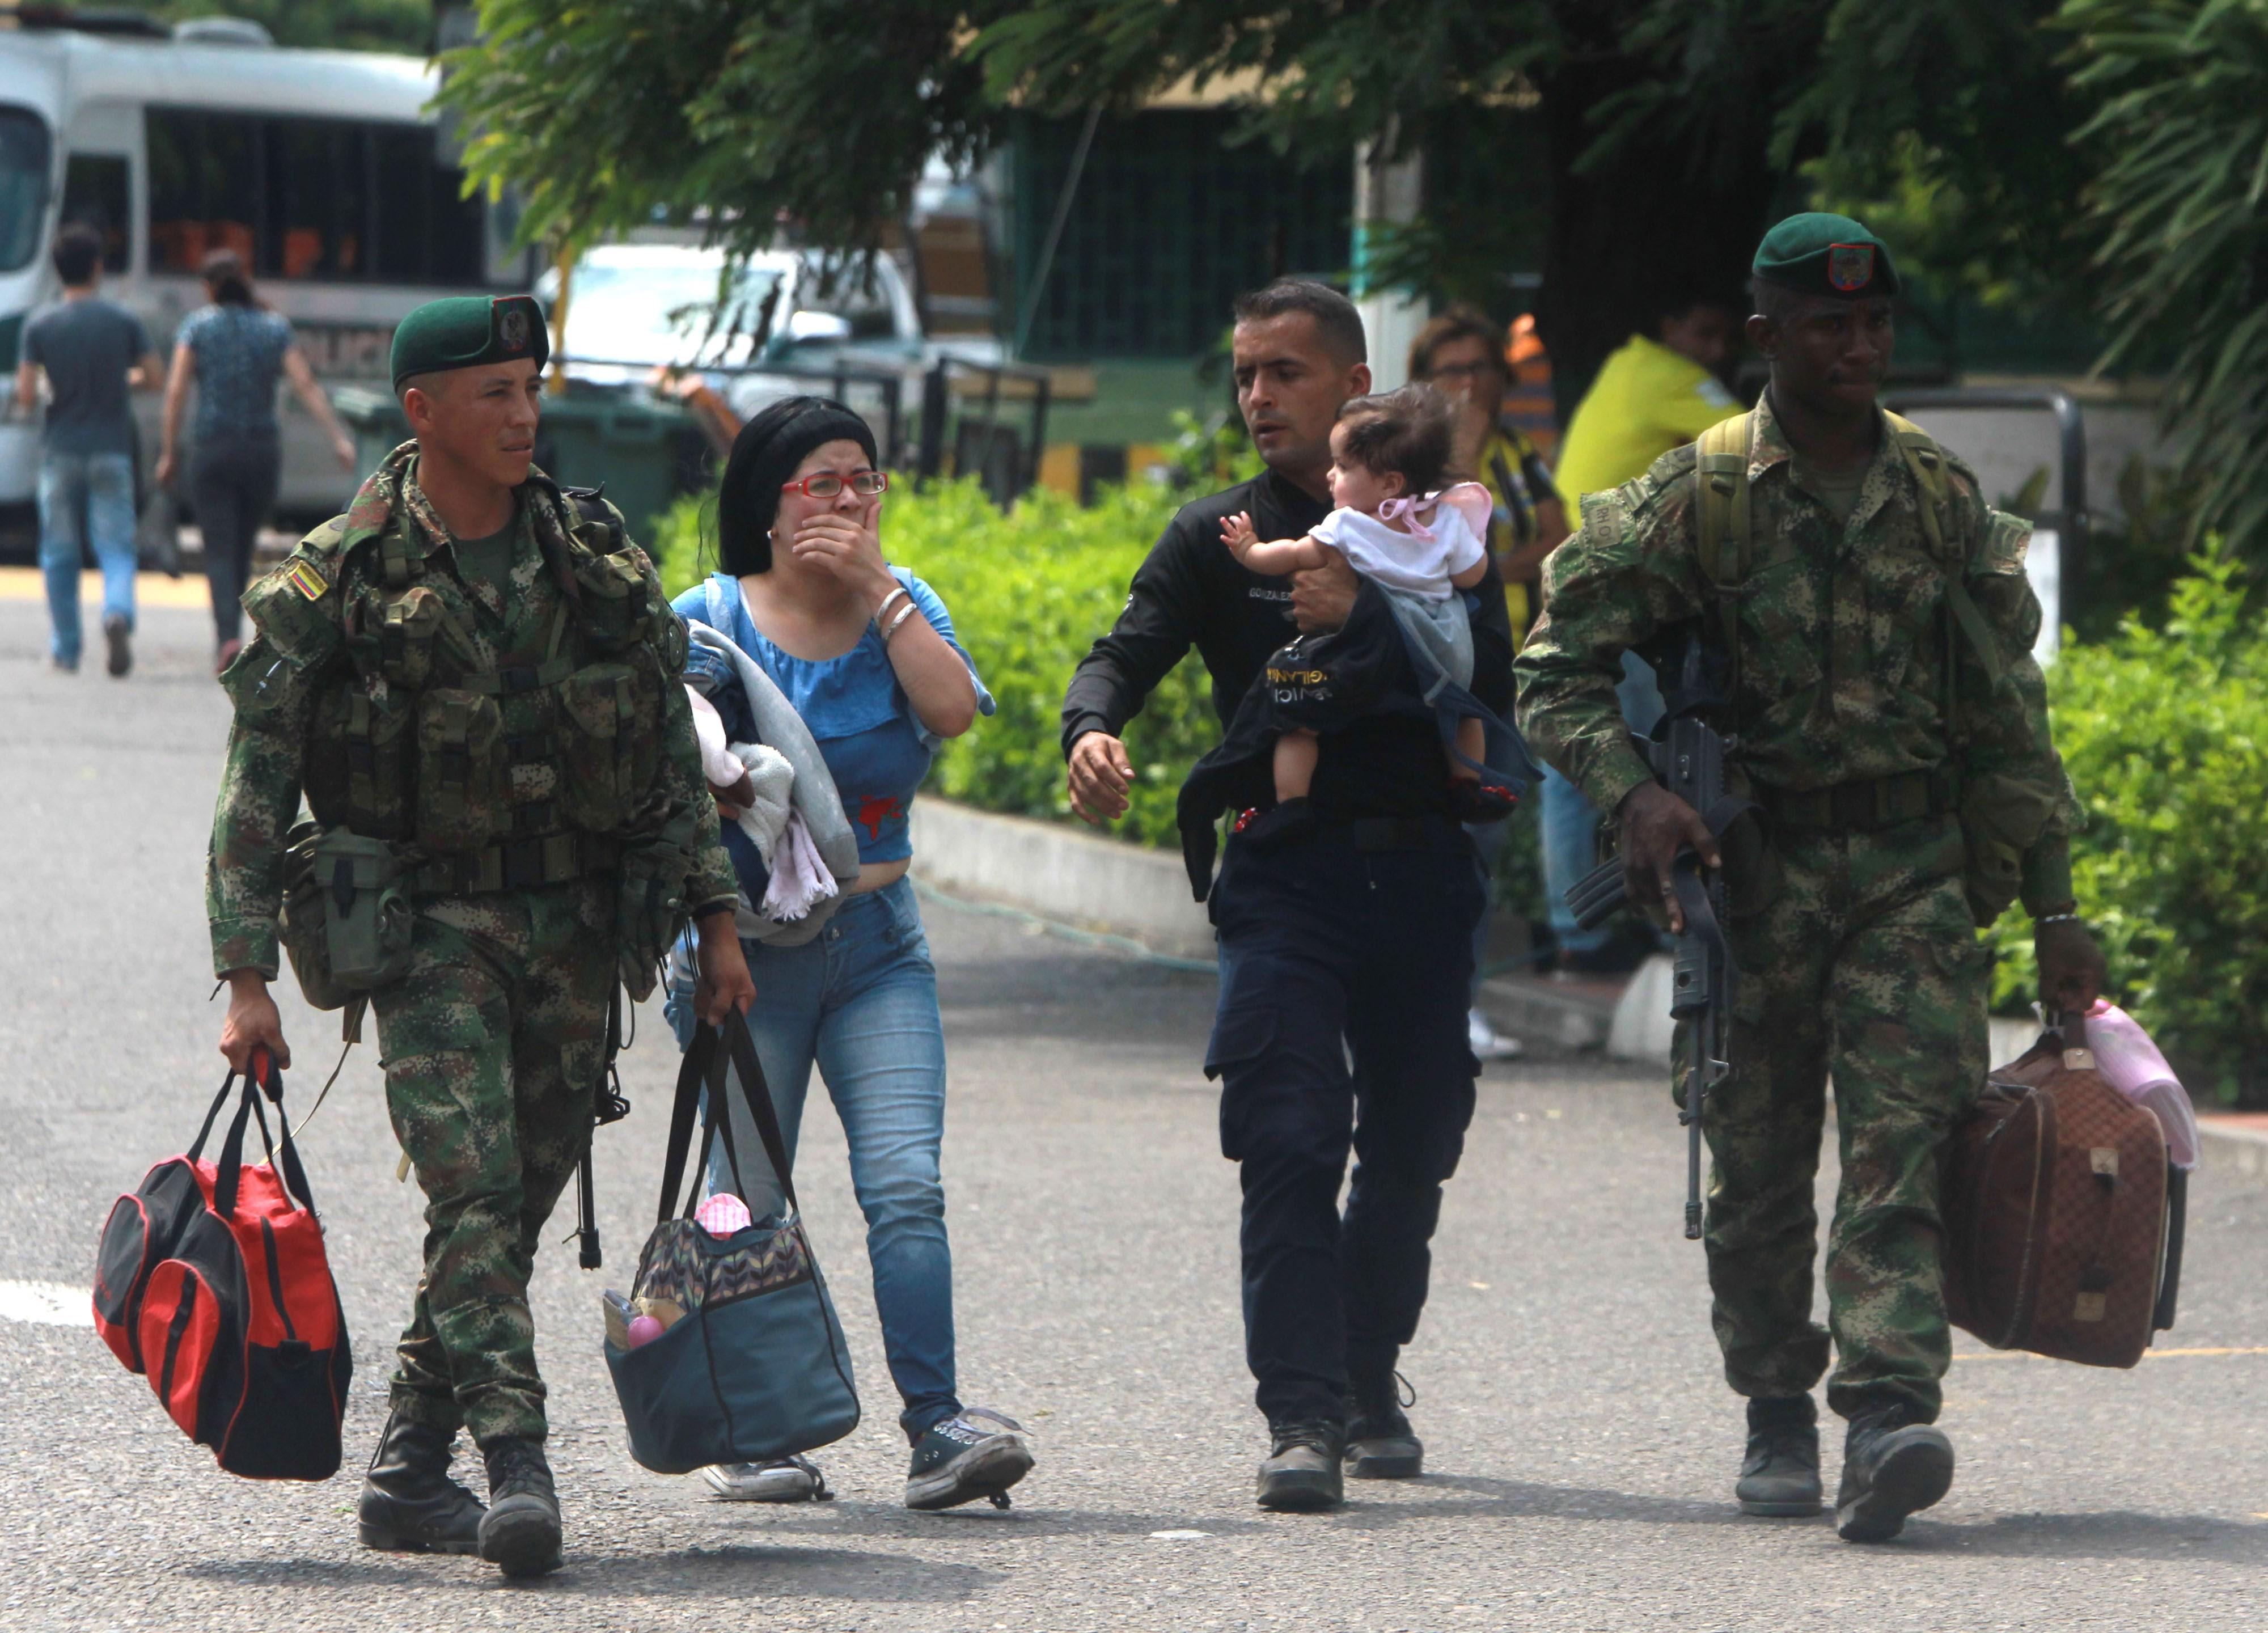 Cerca de 1.000 miembros de la Fuerza Pública venezolana han desertado a Colombia